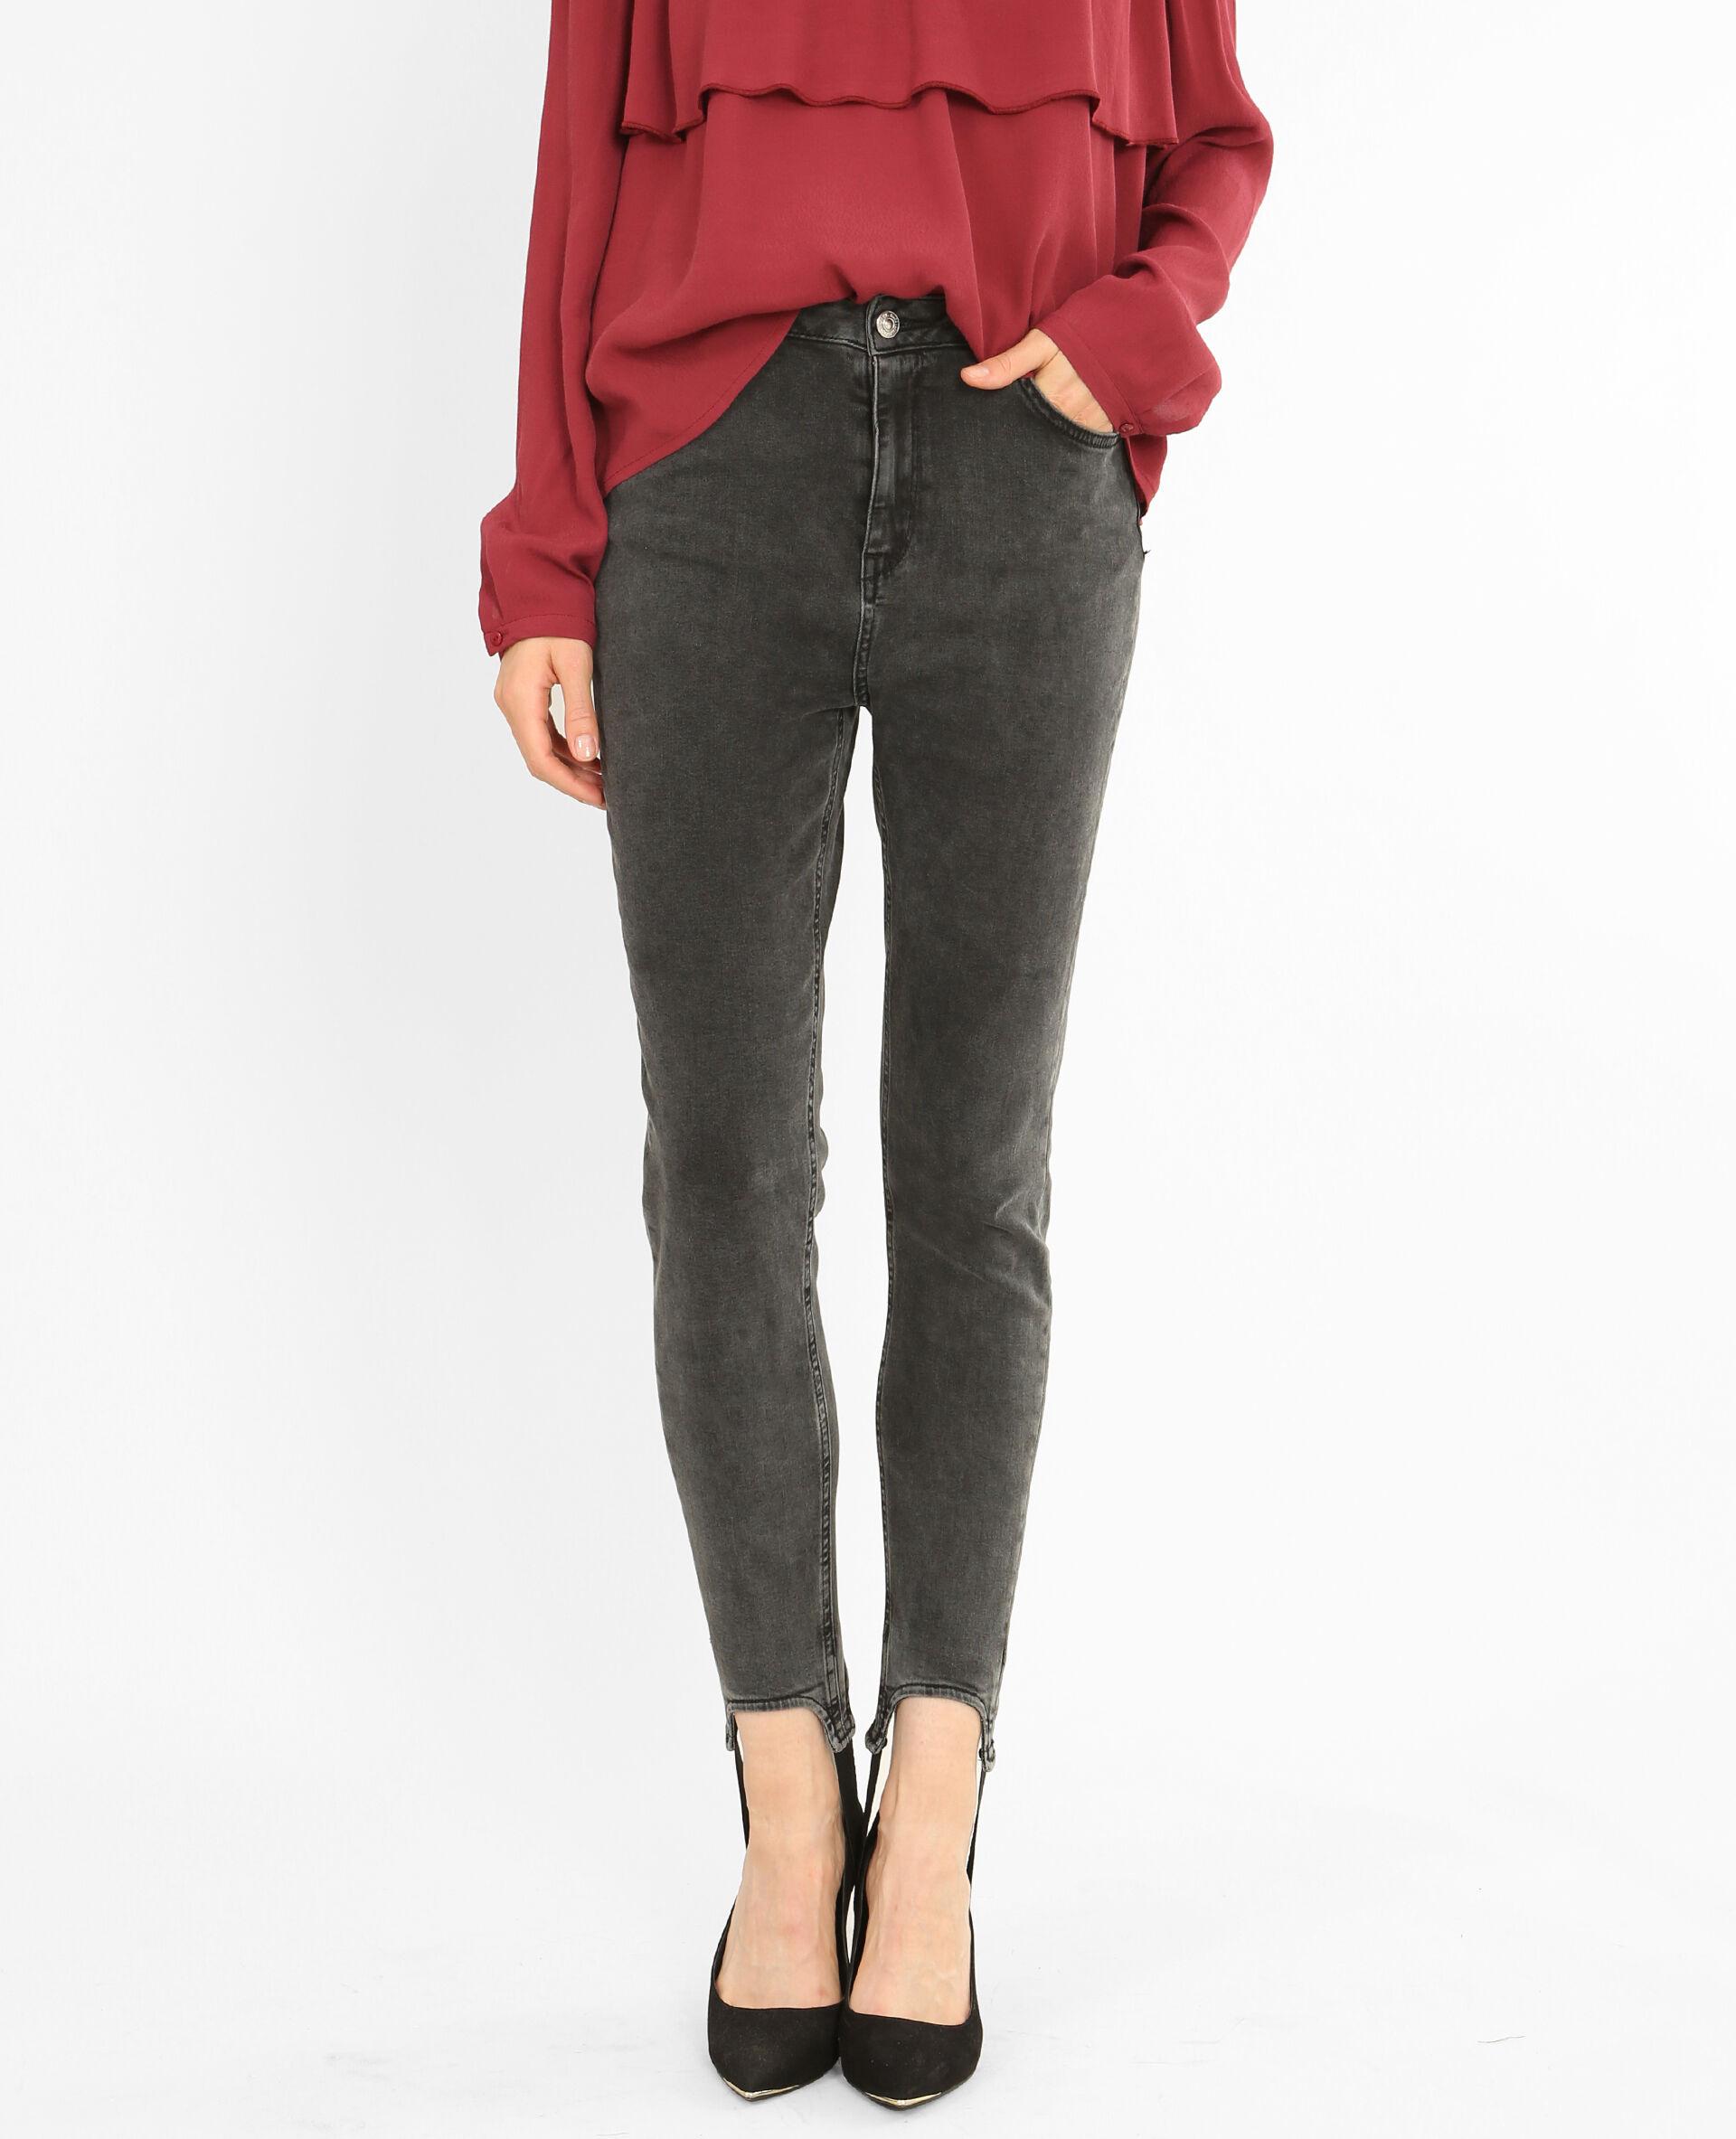 Jean skinny fuseau Femme -40% - Couleur noir - Taille 40 - PIMKIE - Soldes Hiver 2018